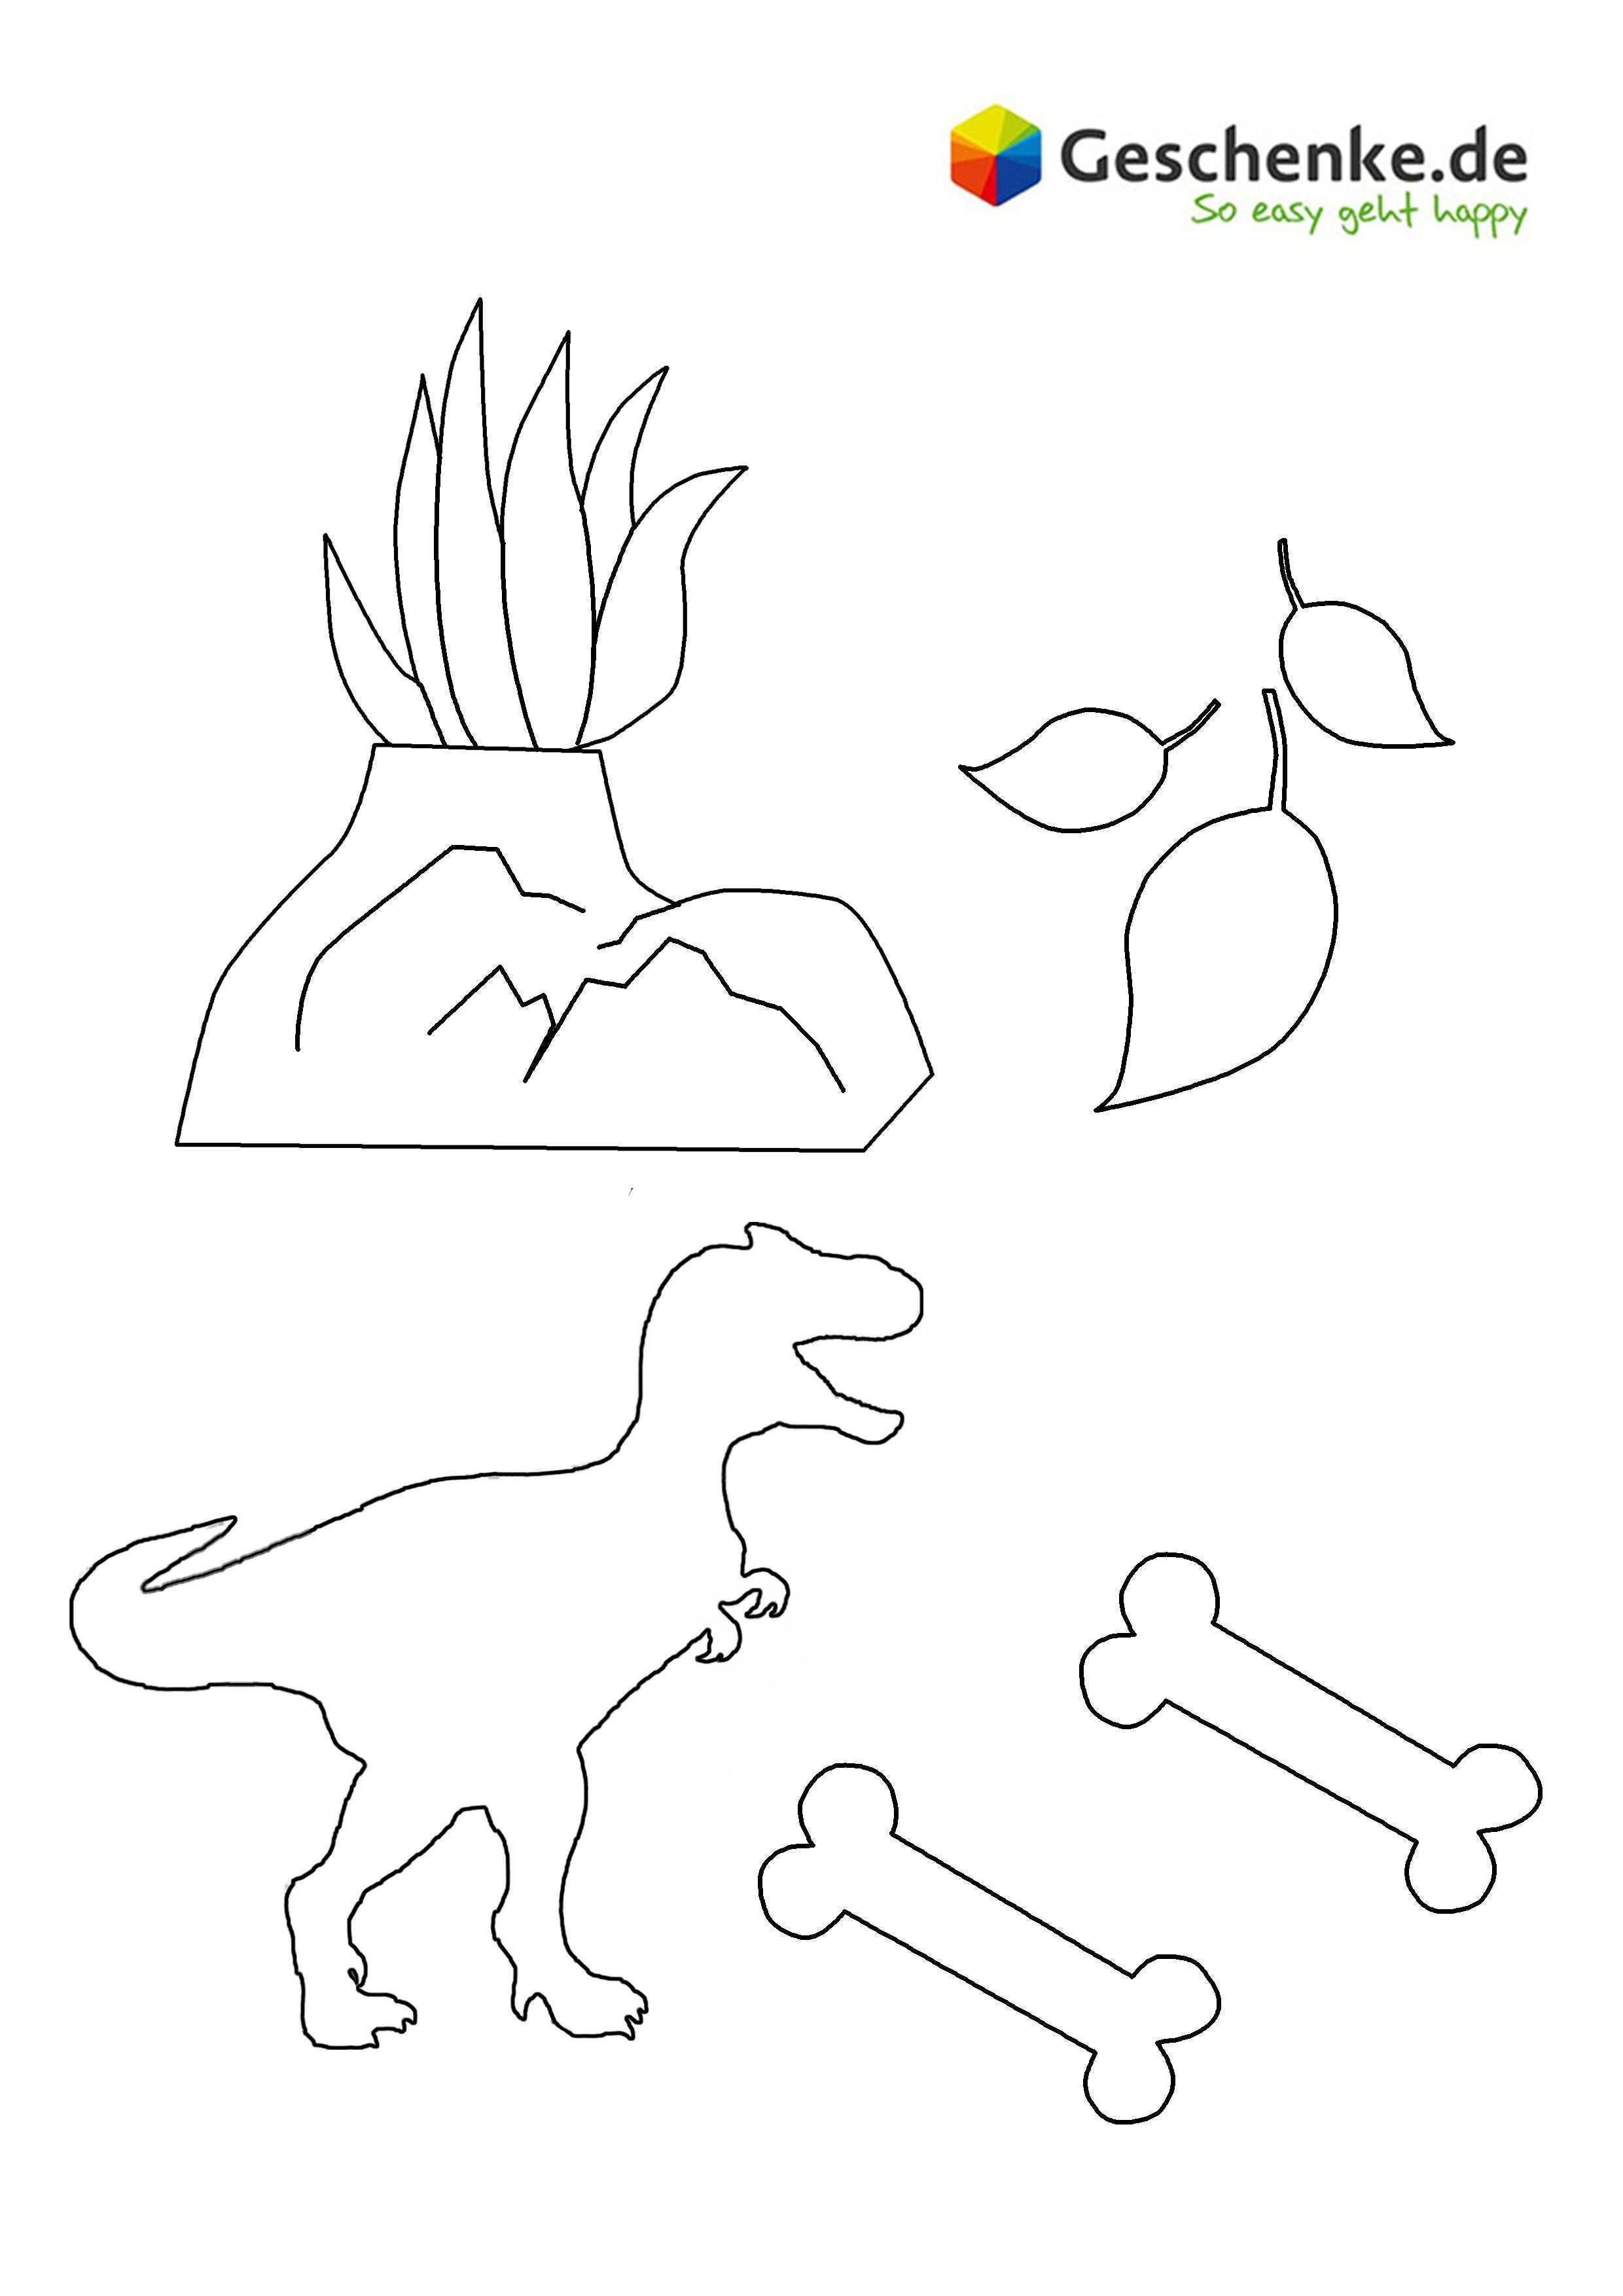 Dino Vorlage Jpg 2 480 3 508 Pixel Schultute Basteln Vorlage Schultute Basteln Schultute Dinosaurier